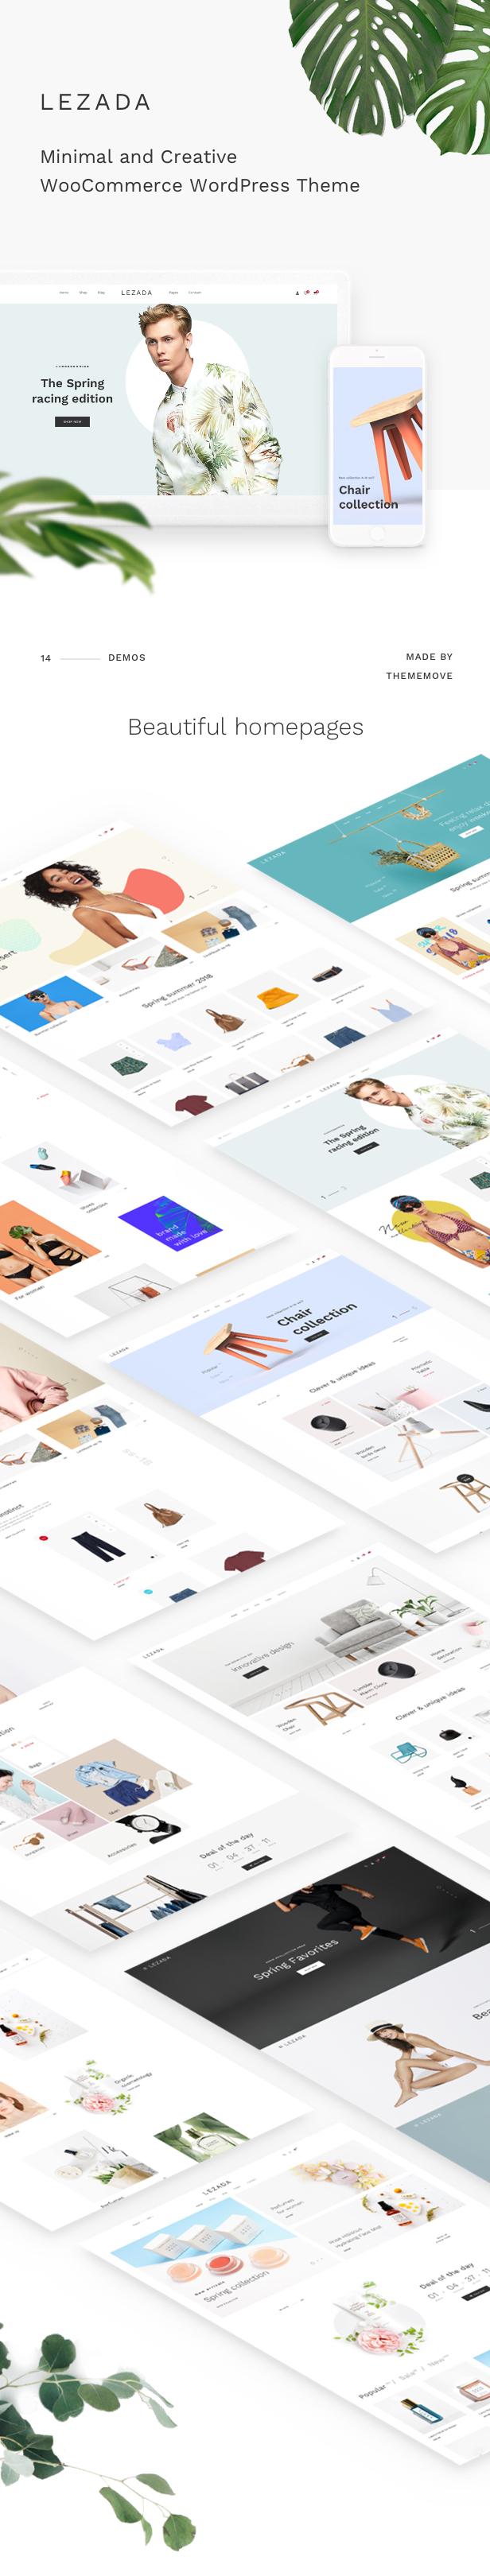 Lezada - Minimum & Creative WooCommerce WordPress Theme